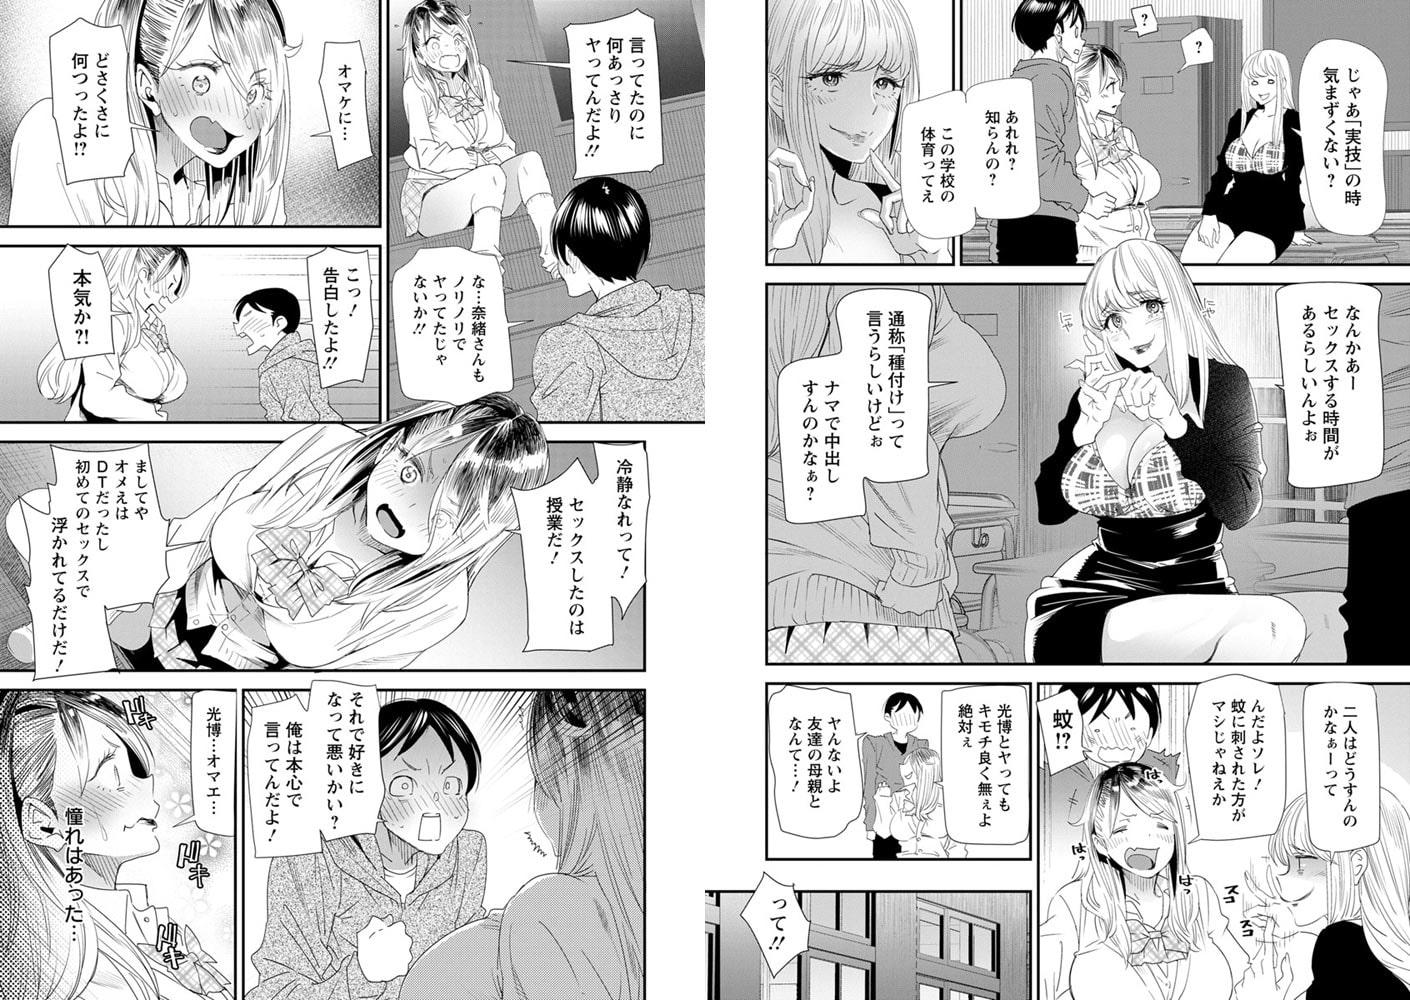 奈緒さんの秘め事 ~元ヤンギャル人妻、定時制学園に通う~のサンプル画像5